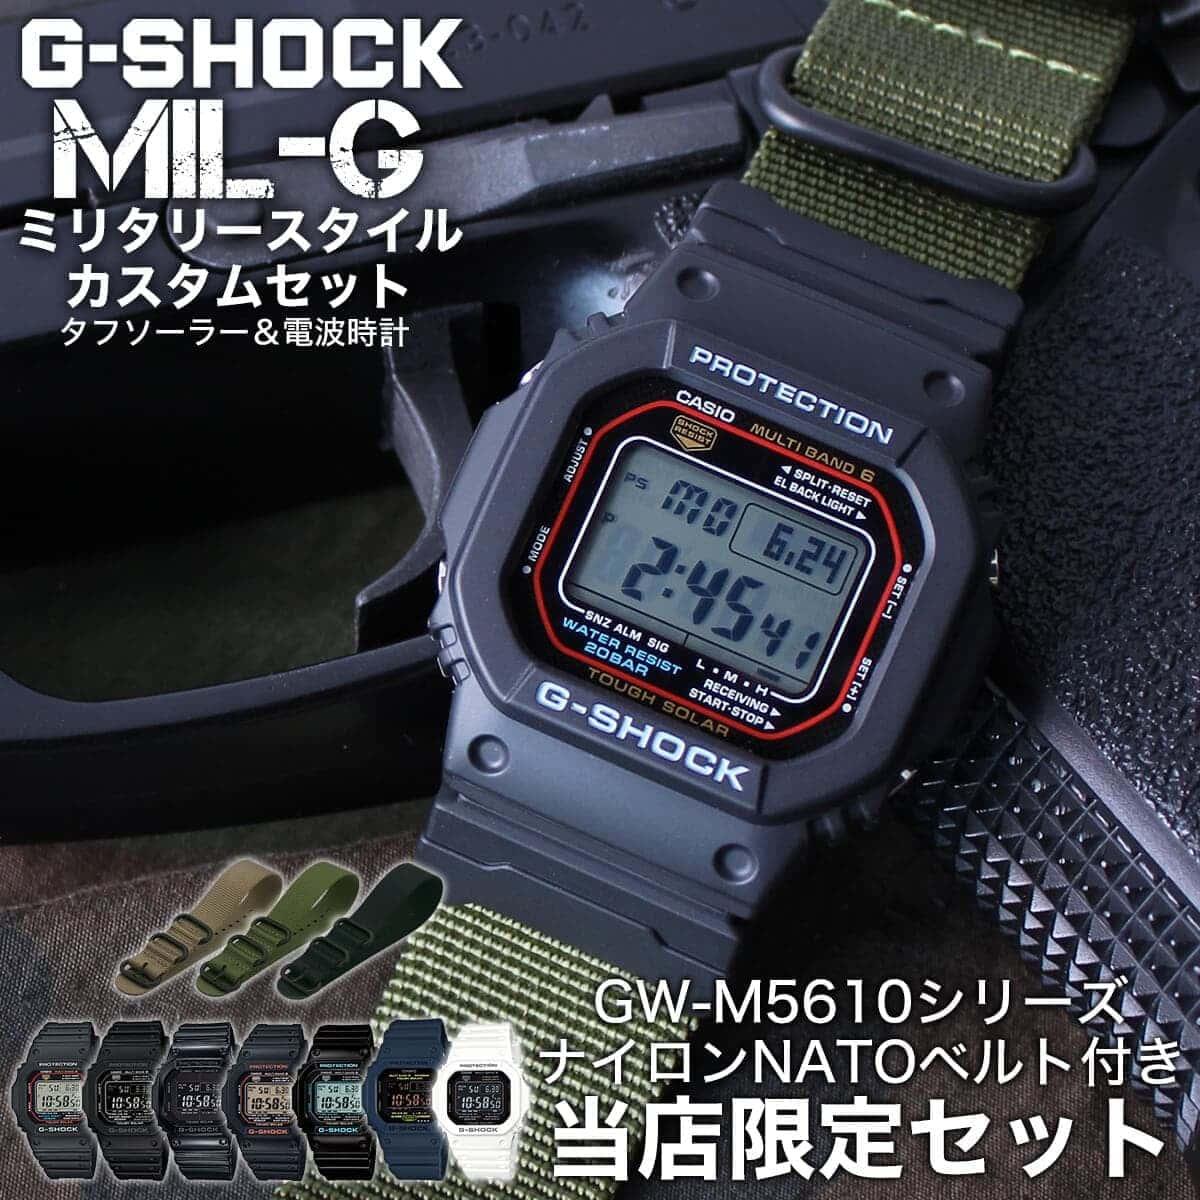 CASIO G-SHOCK military watch G NATO GW-M5610 CAS...